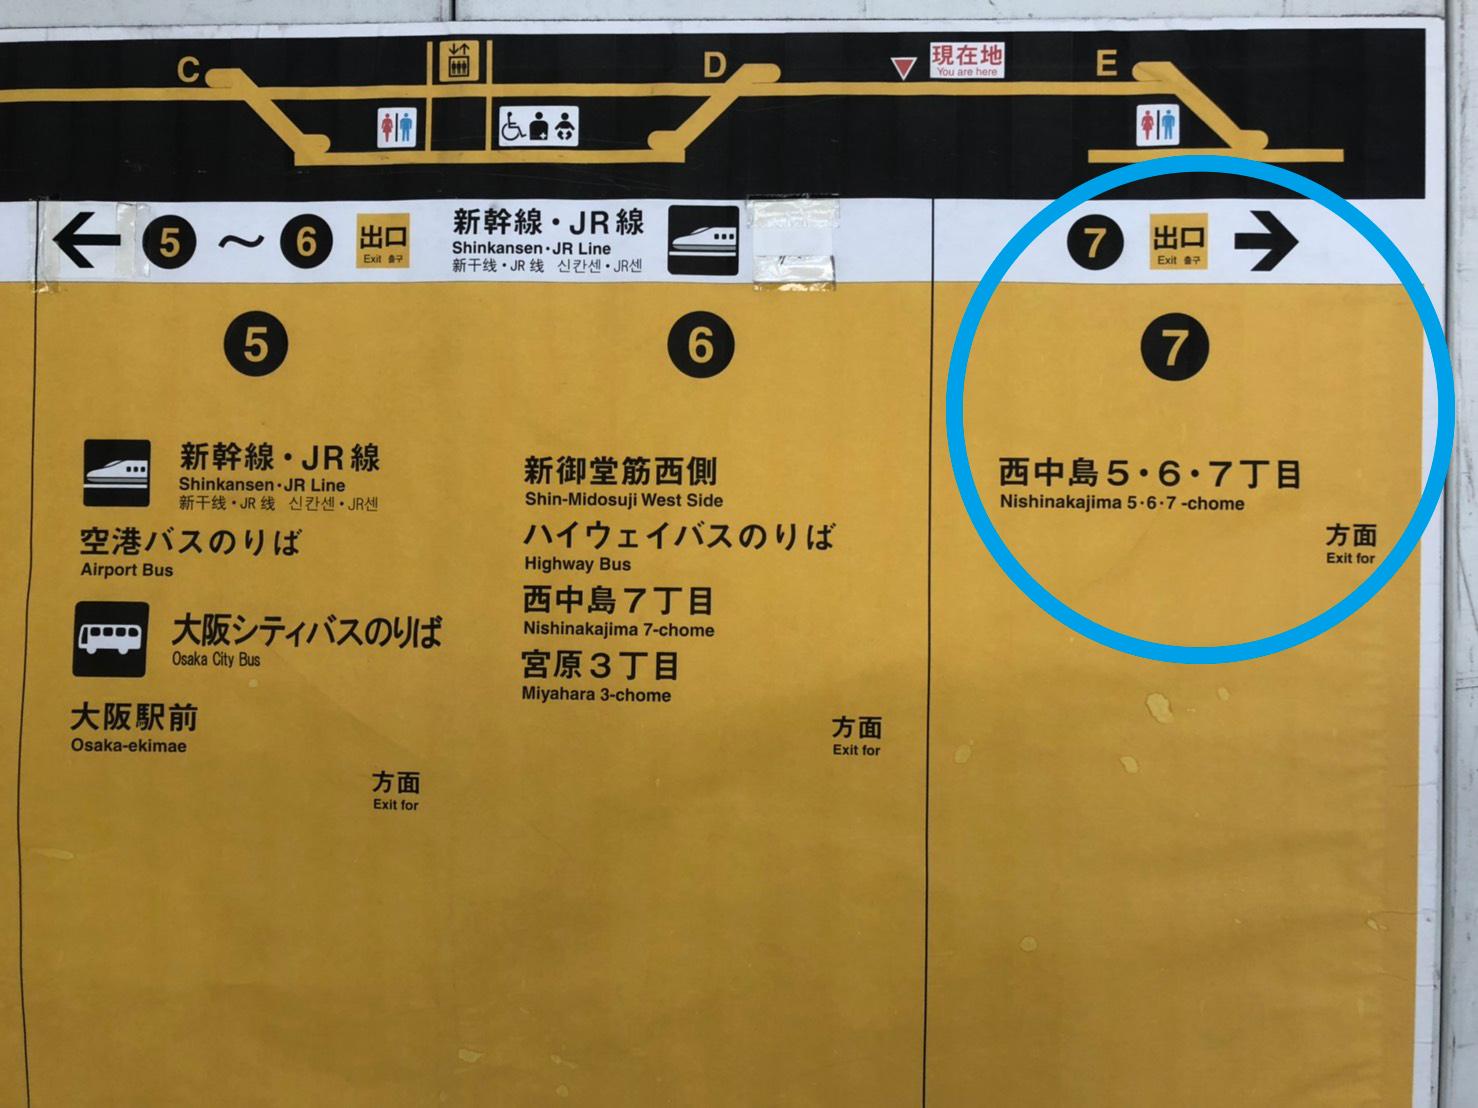 大阪メトロ新大阪駅ホーム案内板